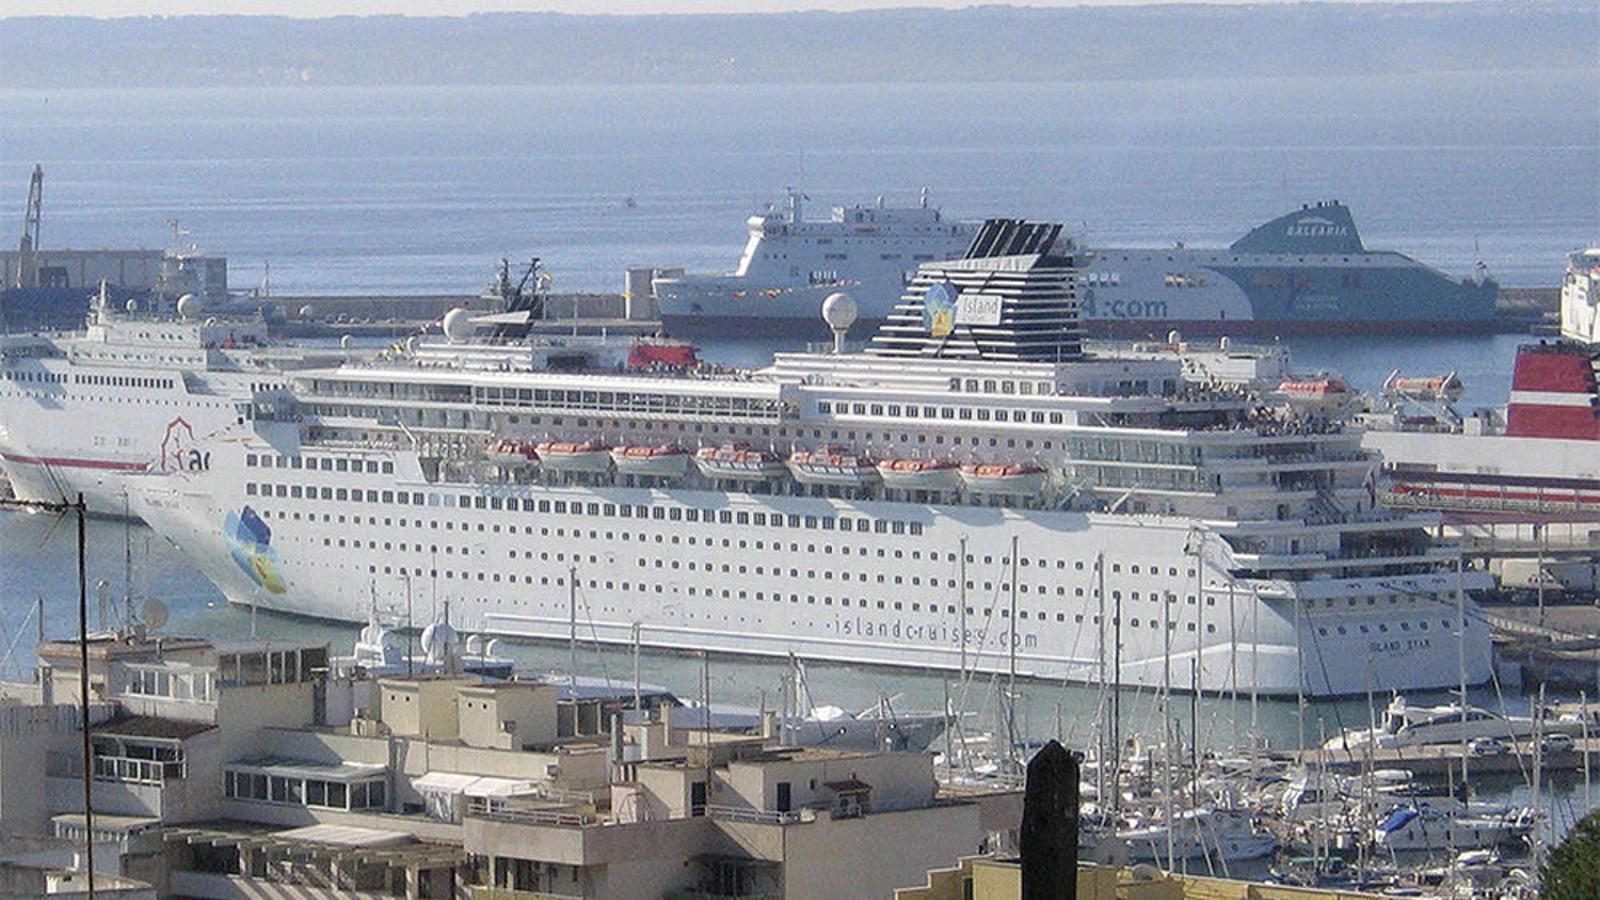 Els creuers cremen atracats a Palma quasi el mateix fuel a l'any que l'abocat pel Prestige, segons Terraferida